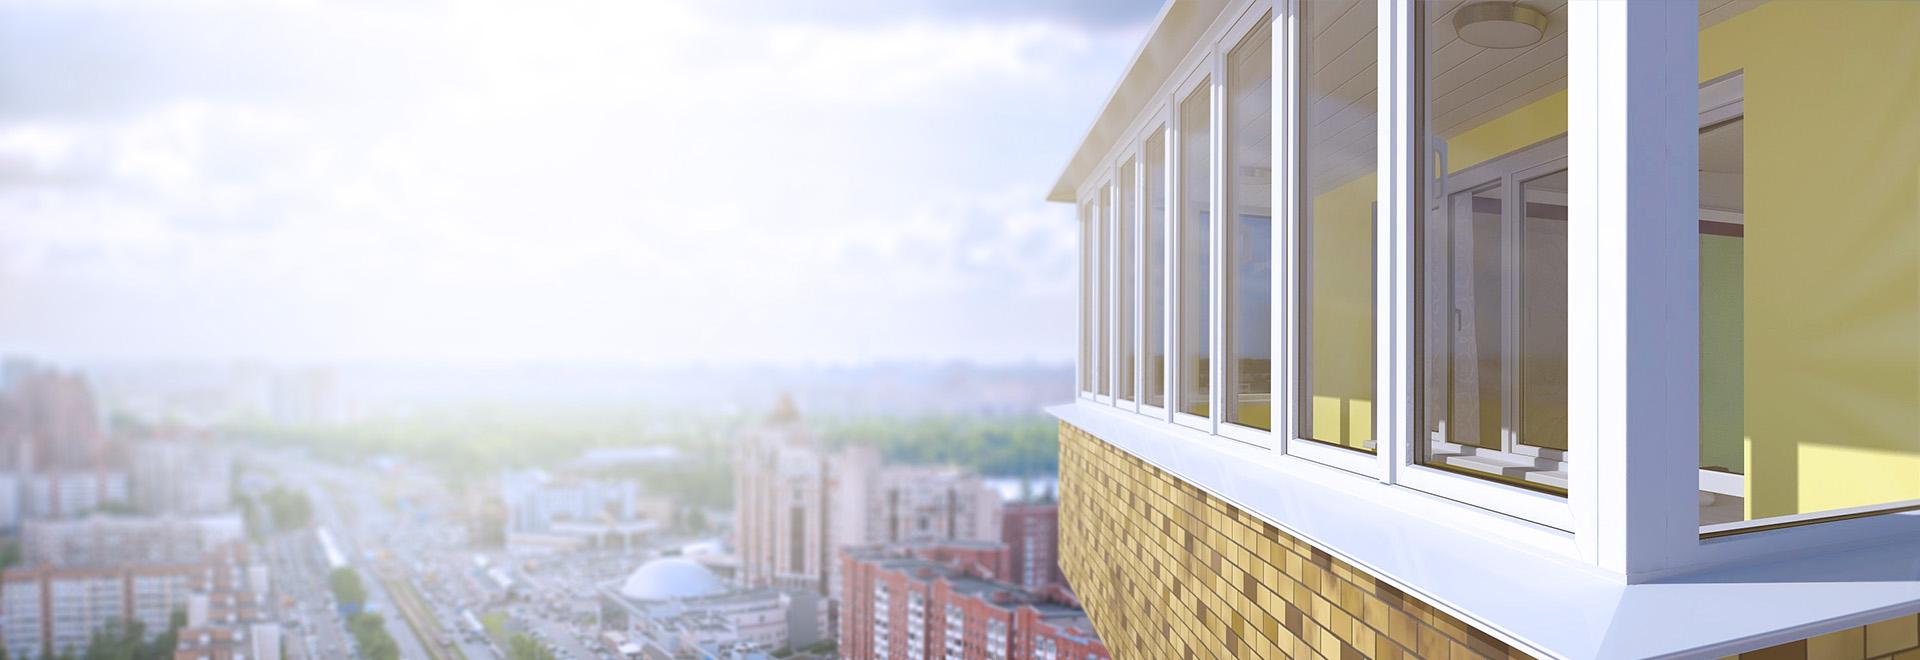 Изображение балкона